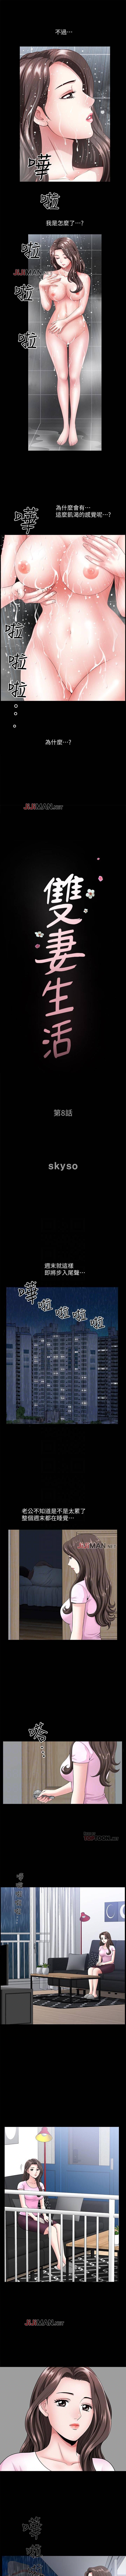 【周日连载】双妻生活(作者:skyso) 第1~23话 51